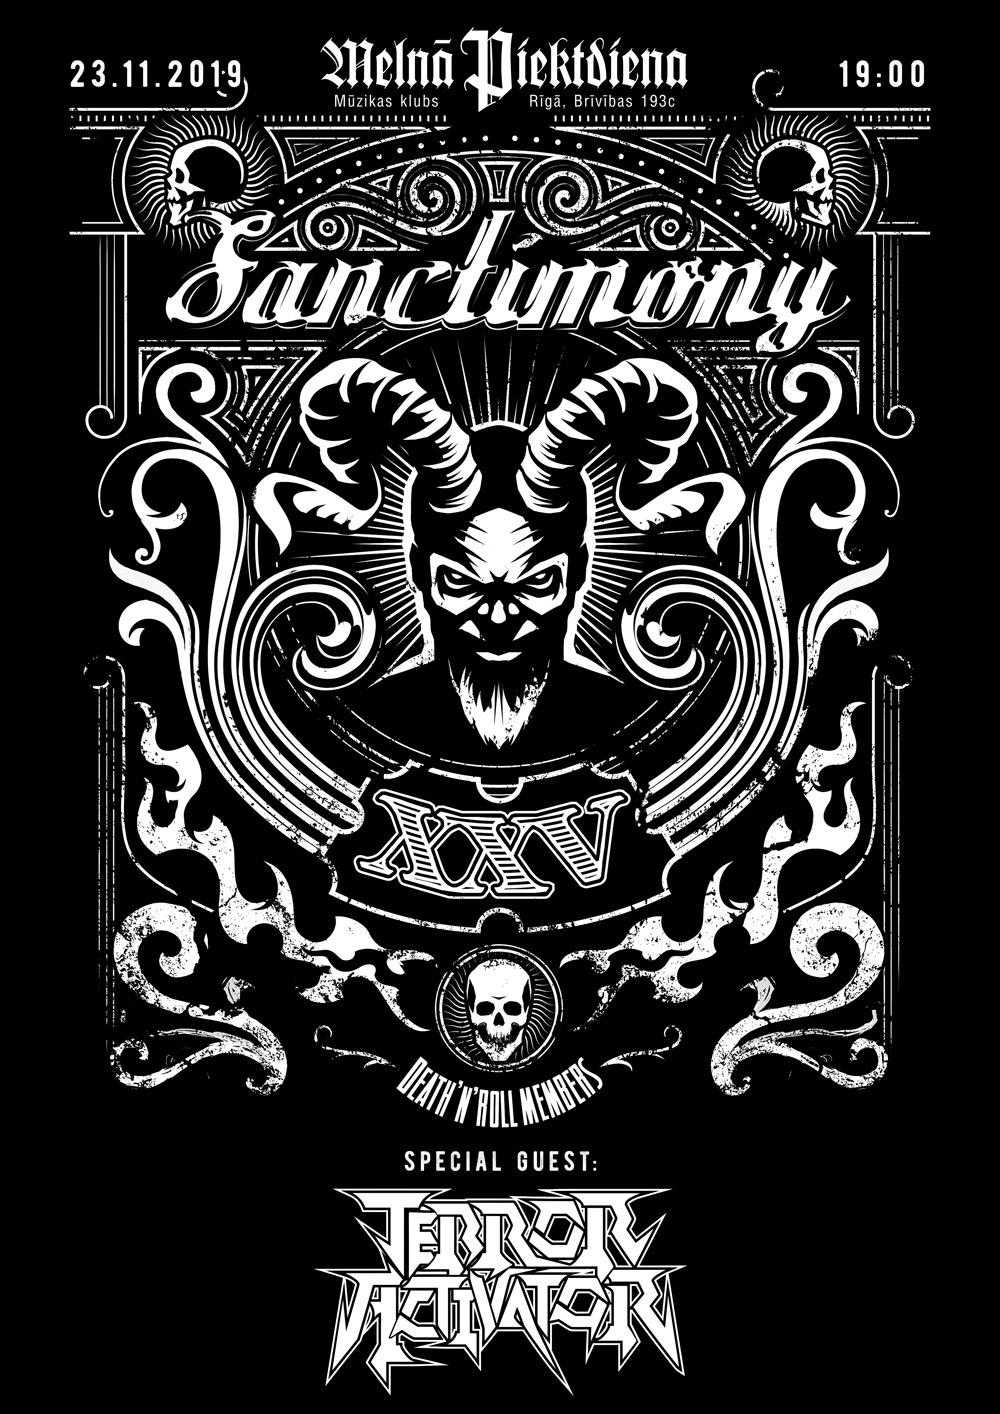 Sanctimony 25 gadu jubilejas koncerts